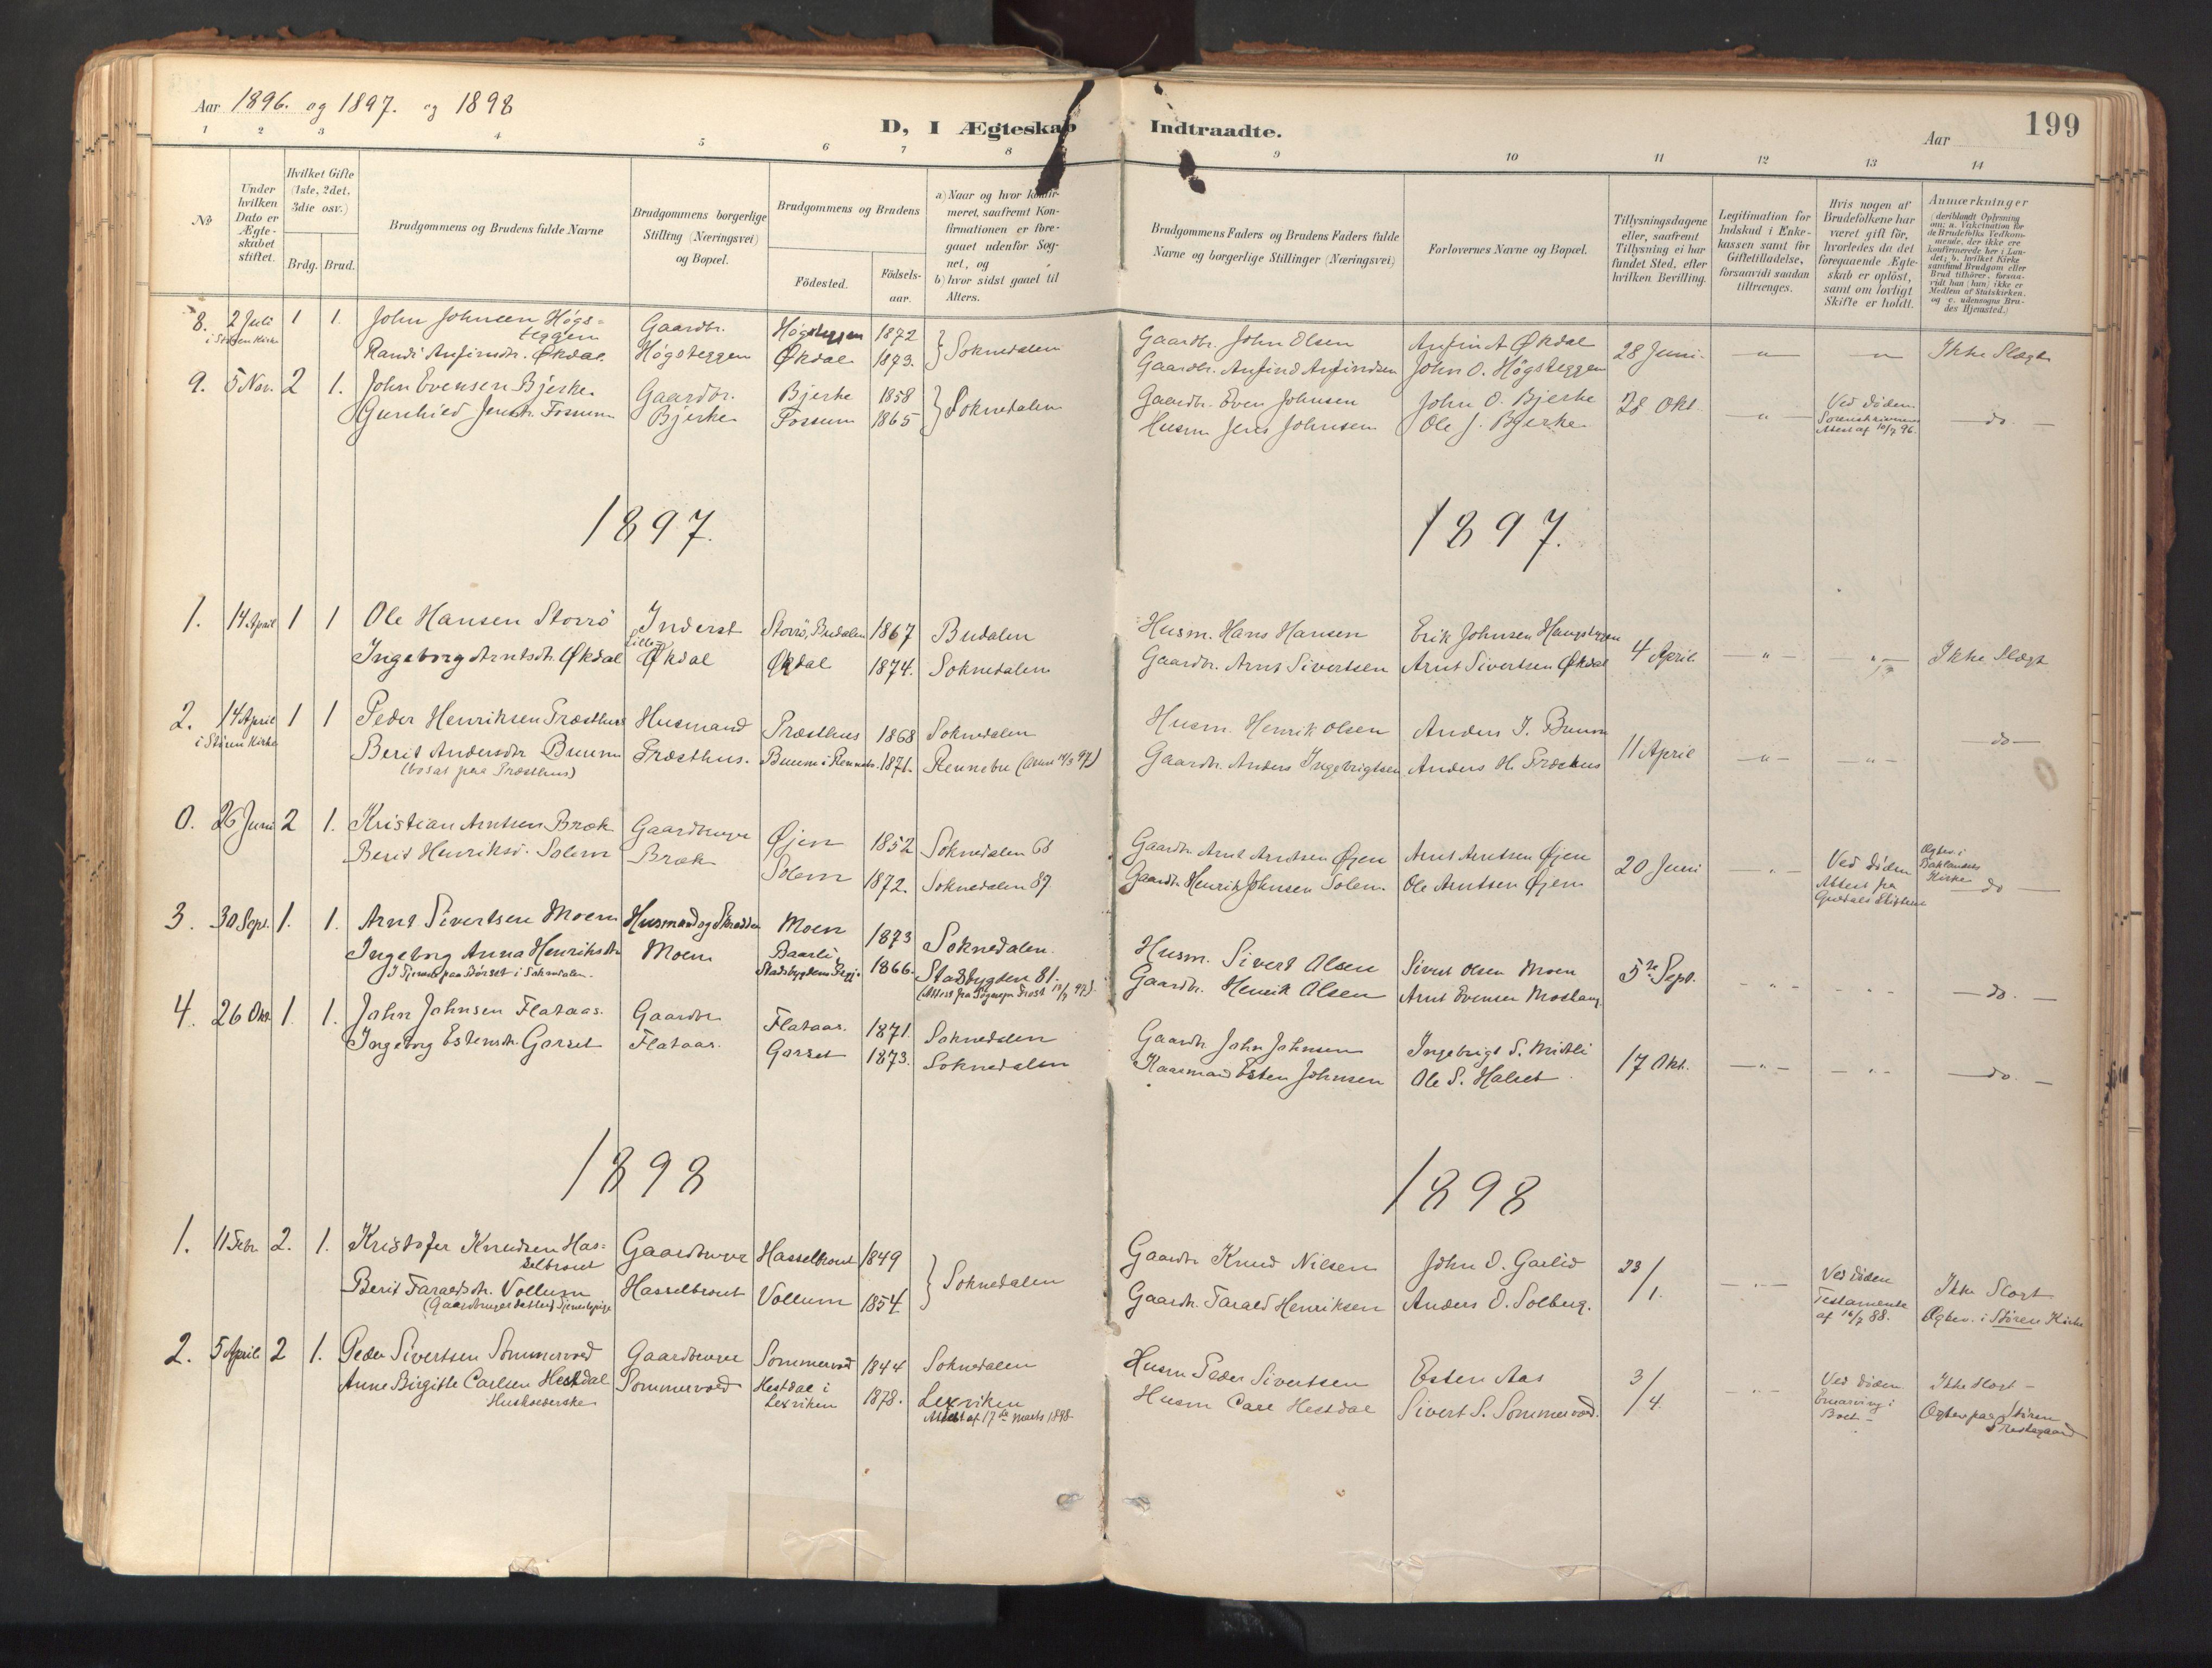 SAT, Ministerialprotokoller, klokkerbøker og fødselsregistre - Sør-Trøndelag, 689/L1041: Ministerialbok nr. 689A06, 1891-1923, s. 199